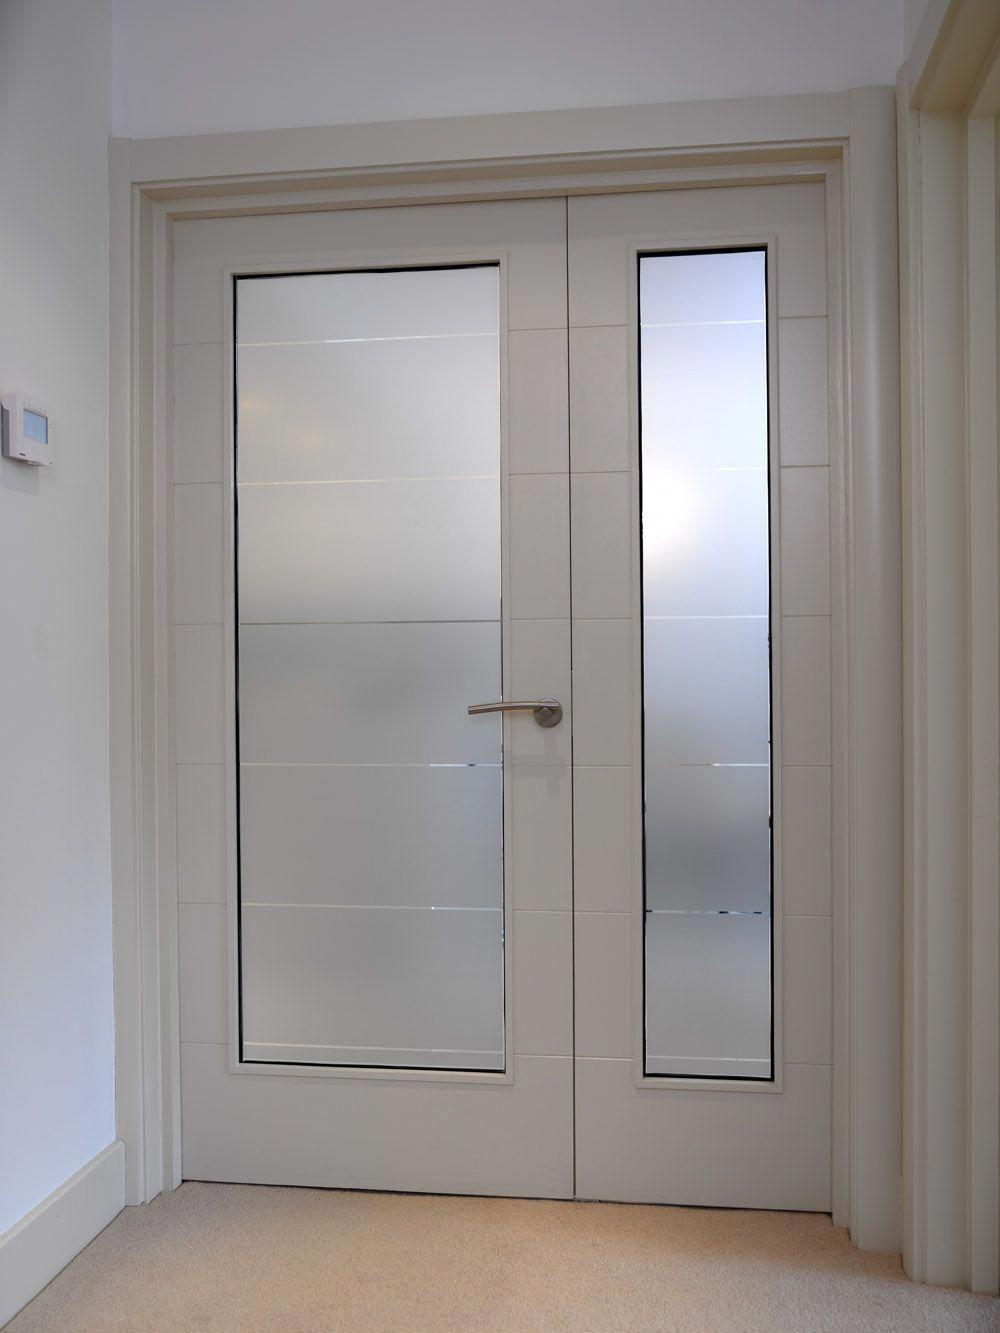 Glass Panel Internal Doors Oak Front Doors Internal Doors Prices 20181126 Glass Doors Interior Internal Glass Doors Internal Wooden Doors